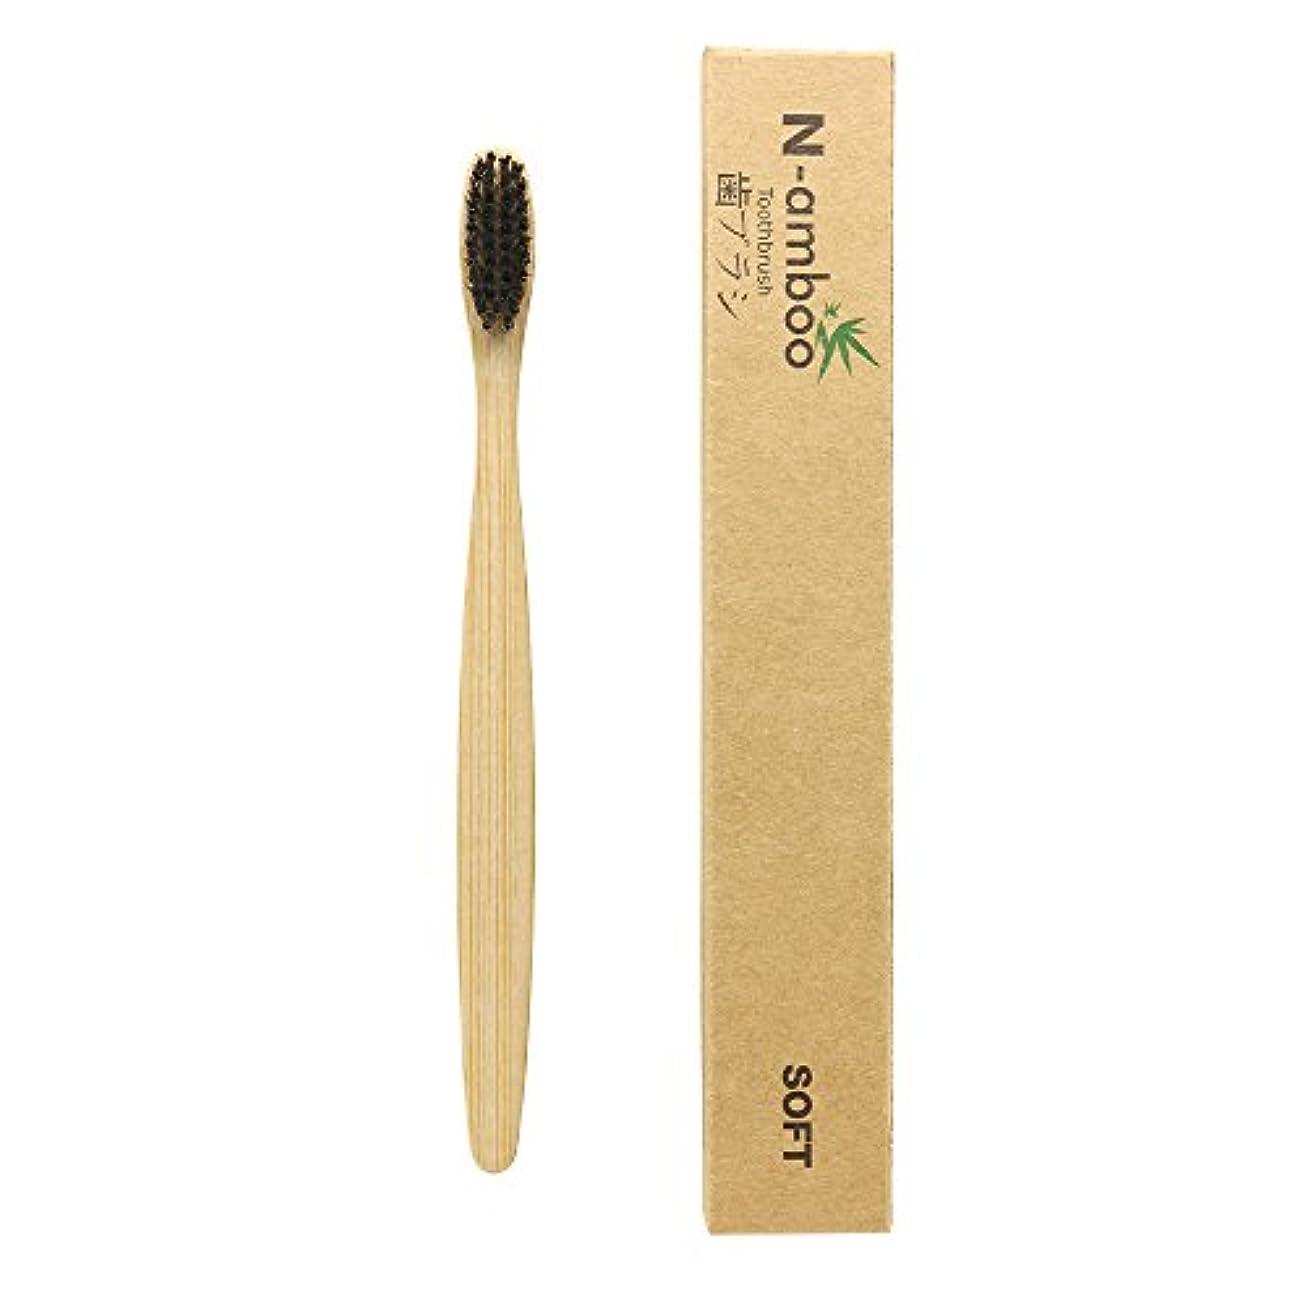 N-amboo 歯ブラシ 1本入り 竹製 高耐久性 黒 エコ